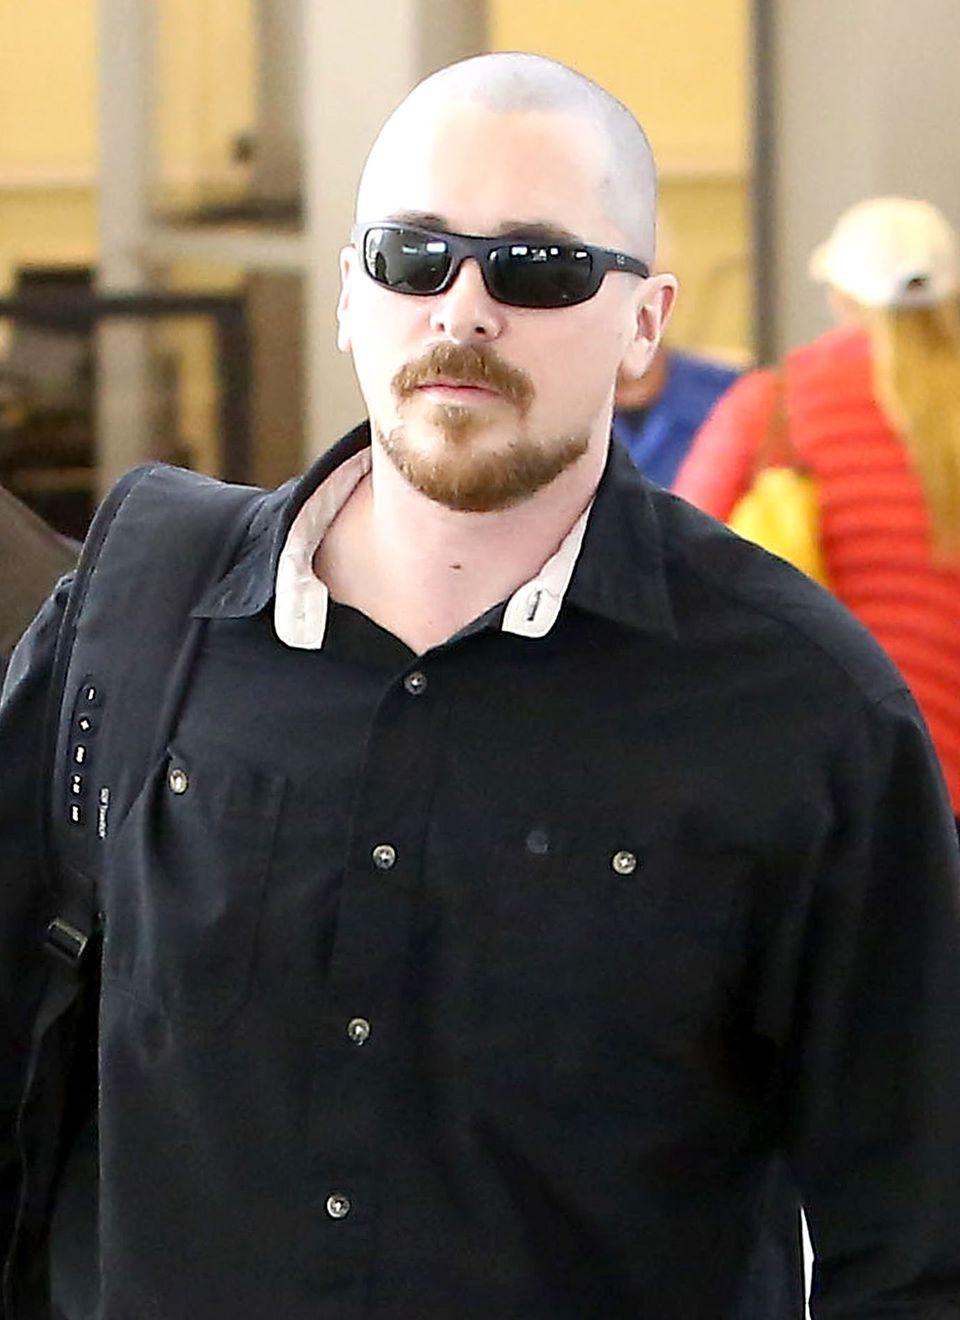 Christian Bale nimmt für Rollen einiges auf sich. Nicht nur Radikaldiäten, sondern auch den haarmäßigen Kahlschlag.